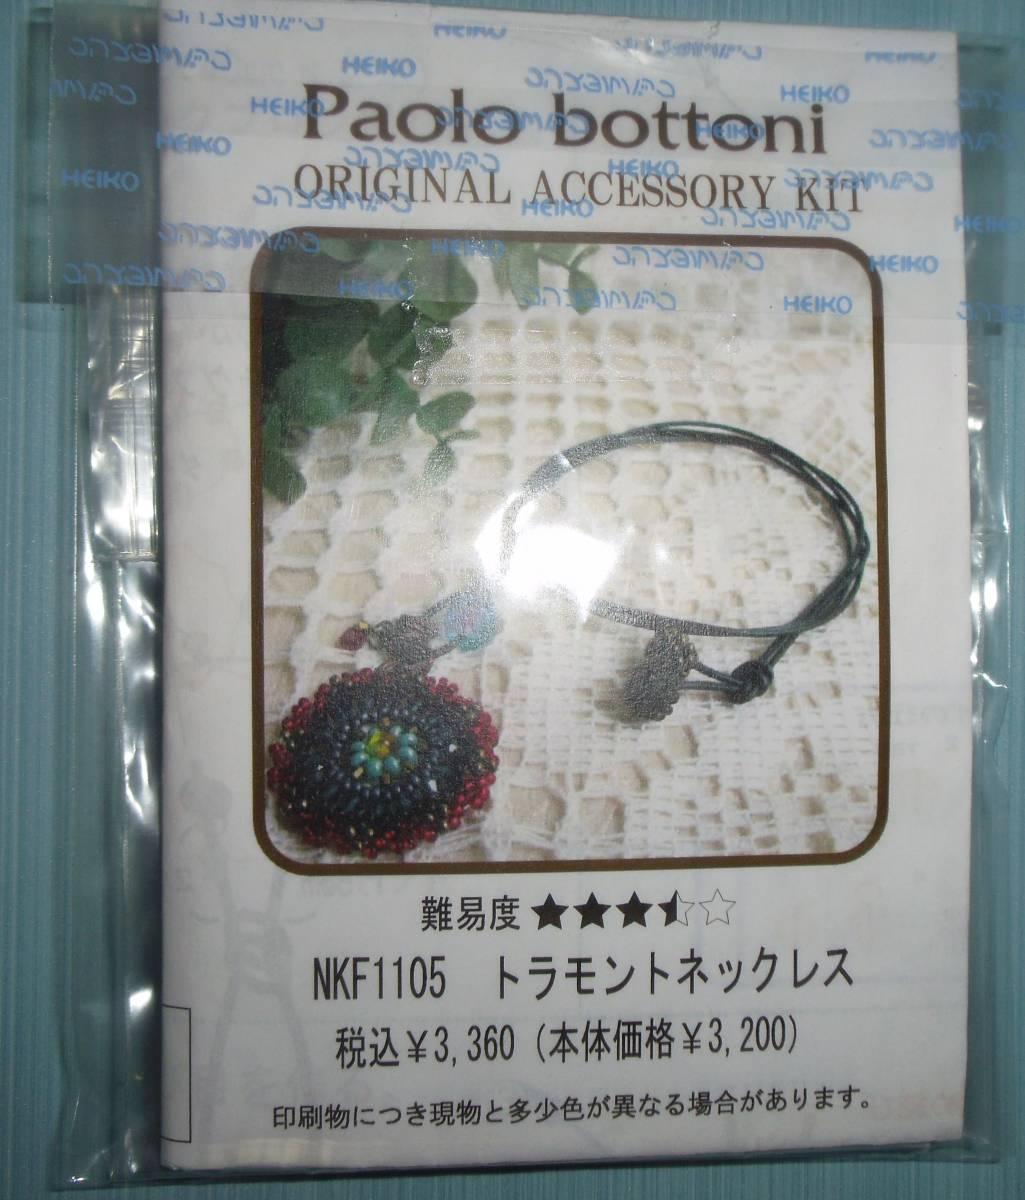 Paolo bottoniのビーズキット トラモントネックレス 画像の転用・転載は禁止です。販売者noraandmaxヤフオク様出品中